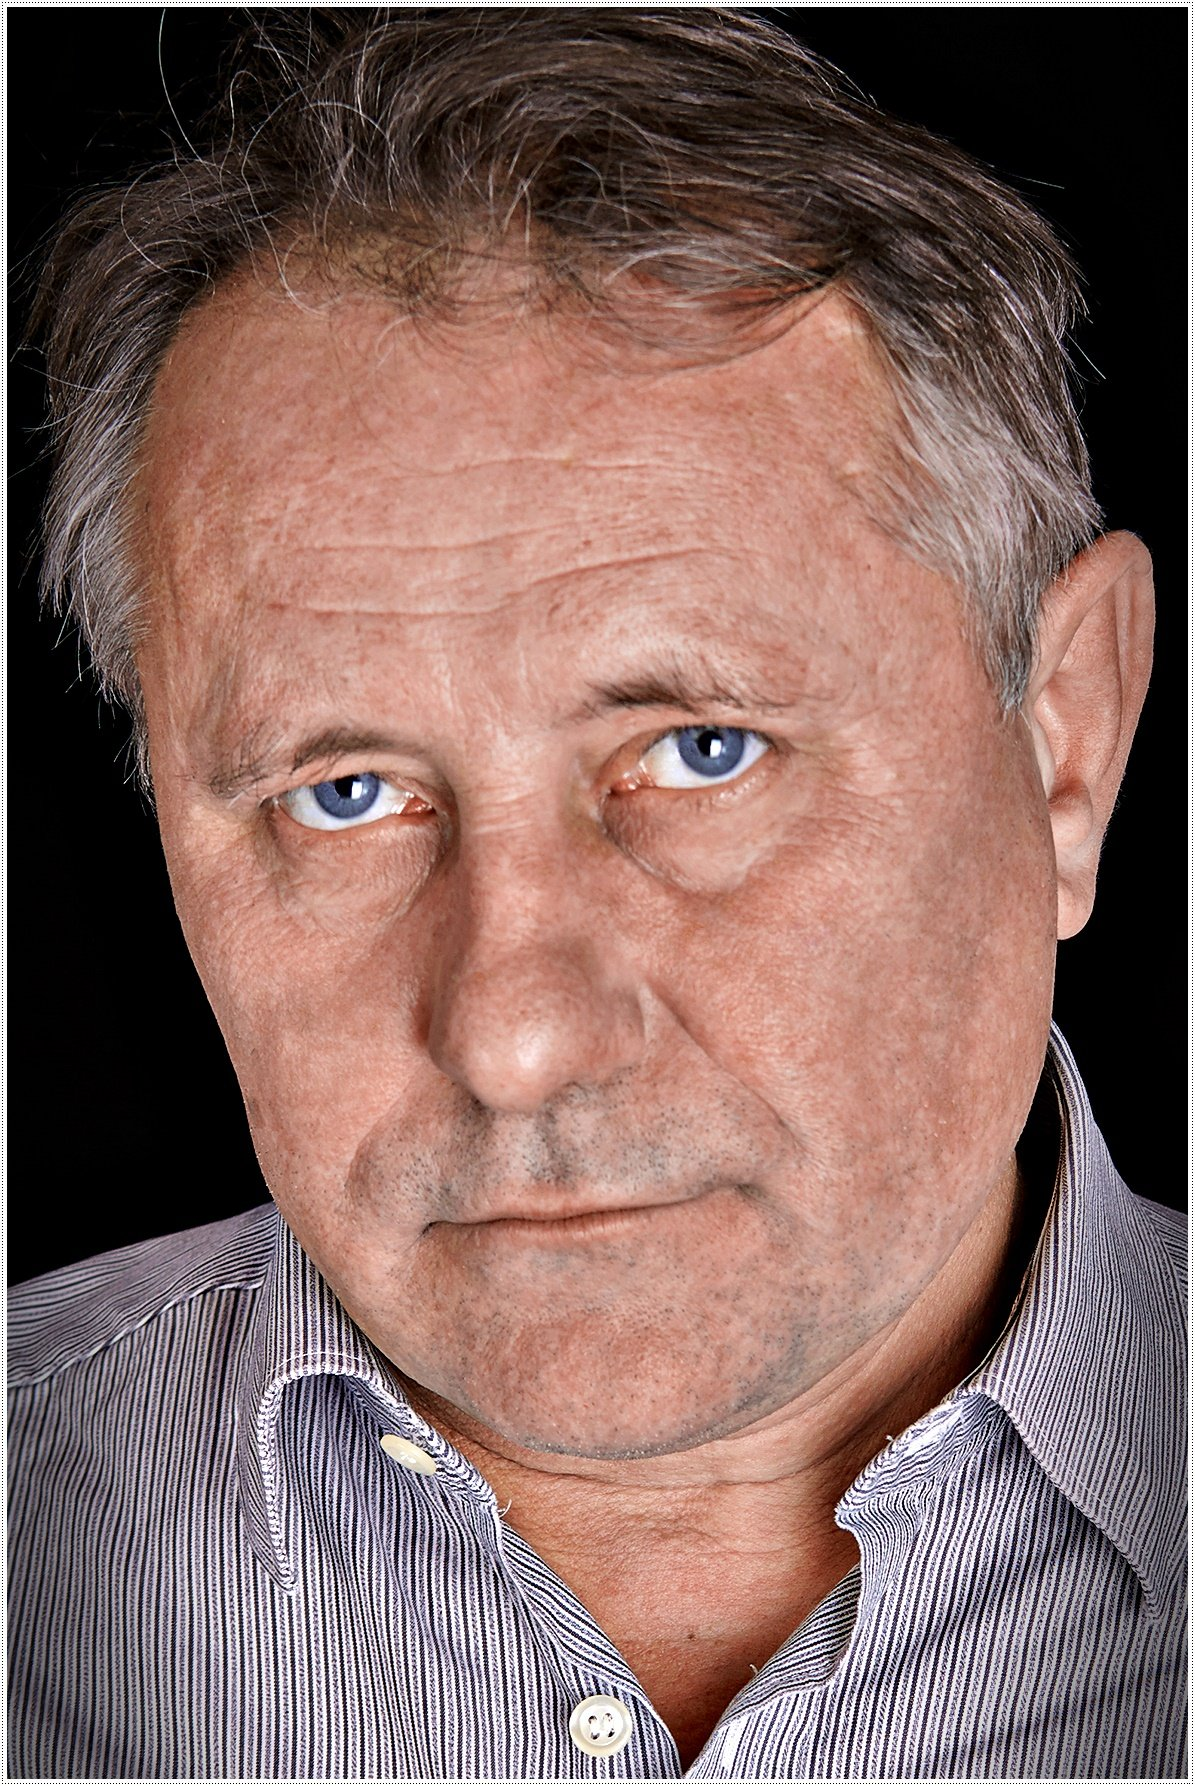 Умер актер Сергей Шеховцов: причина смерти, биография, личная жизнь